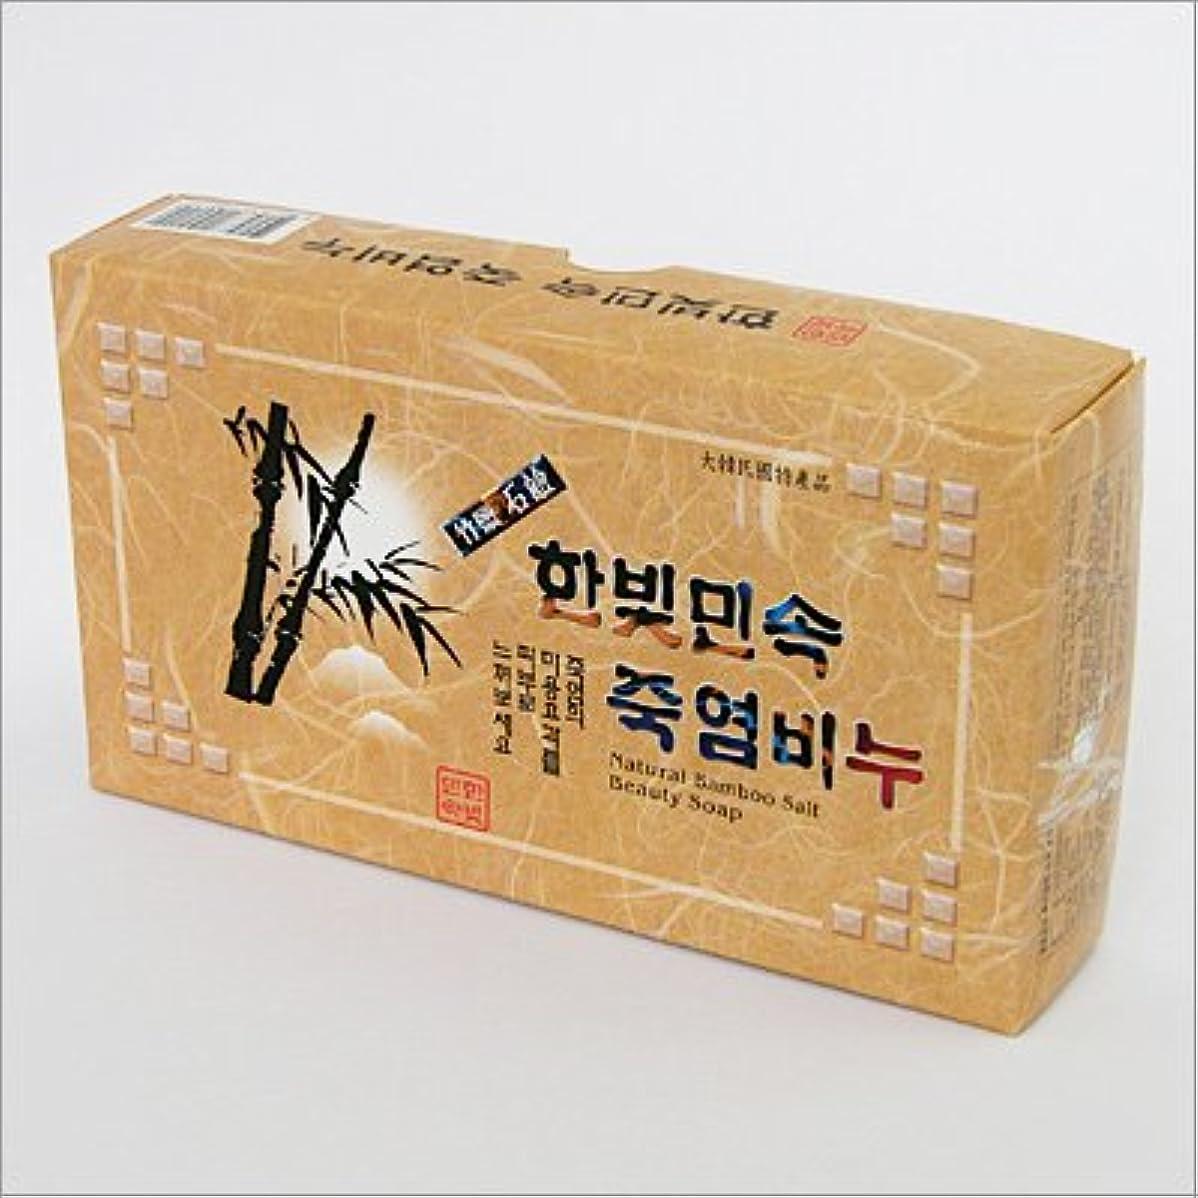 寛解干ばつトラップ(韓国ブランド) 韓国 竹塩石鹸(3個セット)